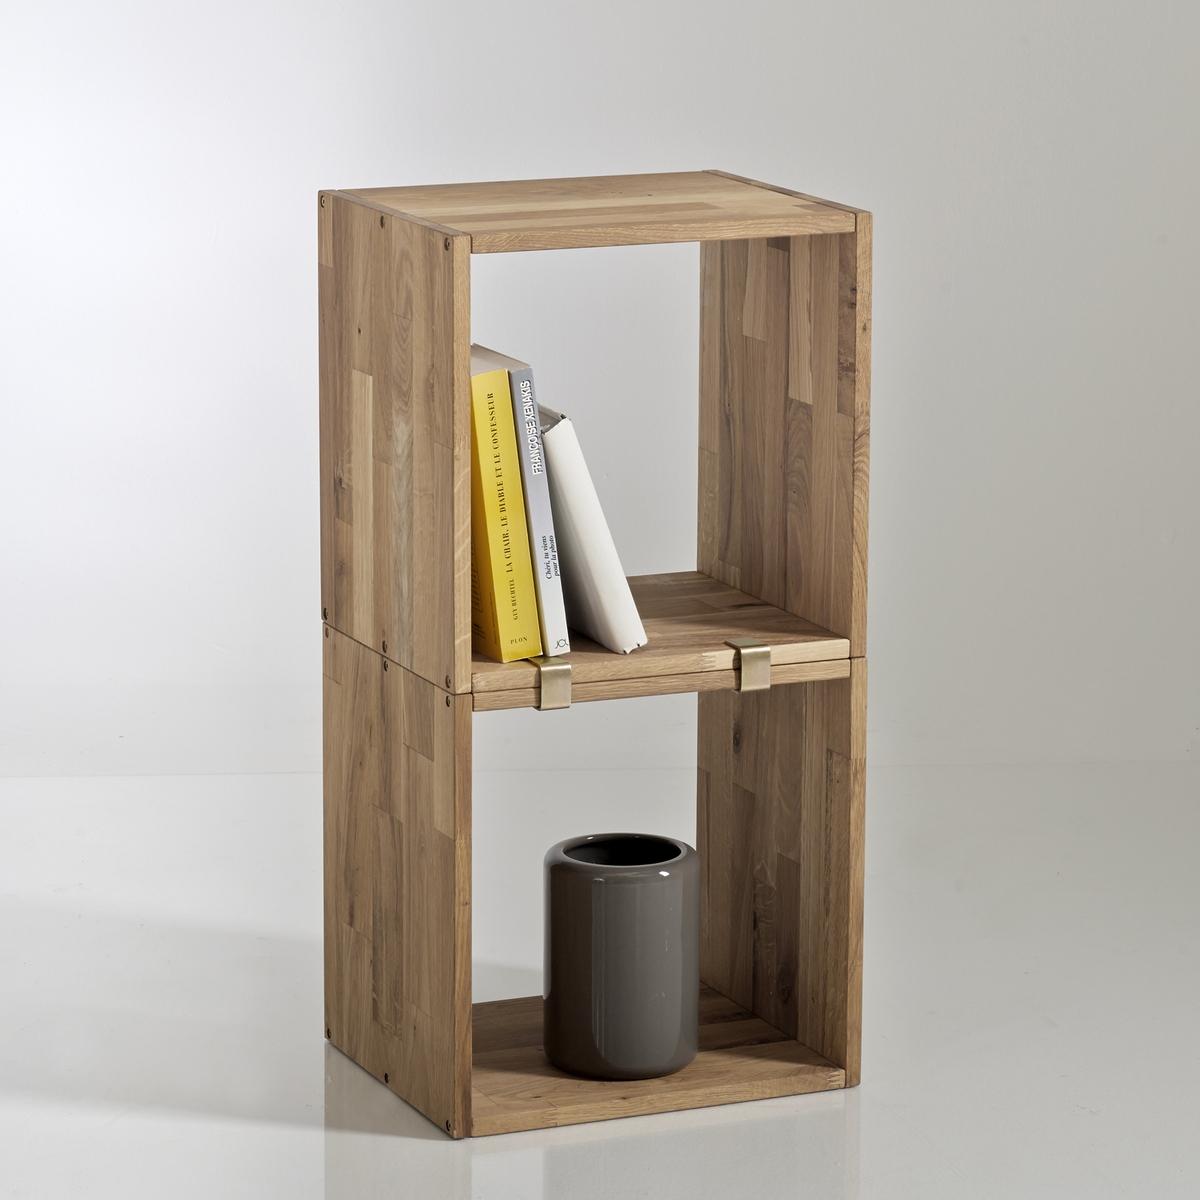 2 этажерки Edgar из дубаКомплект из 2 кубических этажерок Edgar : отличная идея для организации библиотеки  . Их можно заполнить предметами на ваш вкус и подстроить под вас  ! Сочетание элементов дерева разных оттенков привнесет стиль и оригинальность в ваш интерьер  ! Европейское производство.Характеристики 2 кубических этажерок Edgar :Из массива дуба, соединенного встык, и покрытого олифой  В комплекте - крепежная скоба для крепления кубов друг с другом  .2 этажерки Edgas готовые к сборке  .Найдите прямоугольную этажерку и другие модели из коллекции Edgar на нашем сайте  .ru.Размеры 2 кубических этажерок Edgar :Длина : 35 см.Высота : 35 см.Глубина : 28 смРазмеры и вес упаковки :1 упаковка43 x 17 x 33,5 см 10,1 кгВместимость : 6.5 кг<br><br>Цвет: дуб,темное дерево дуб,черный вощеный